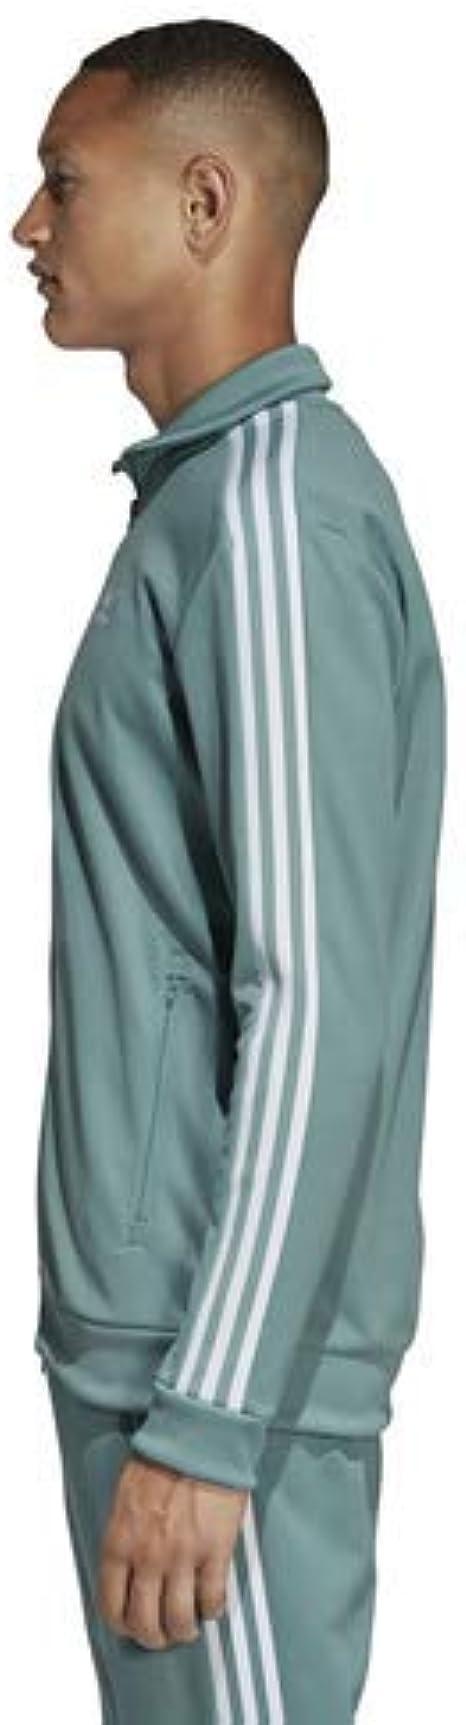 adidas Originals Homme cw1250 Original Franz Beckenbauer